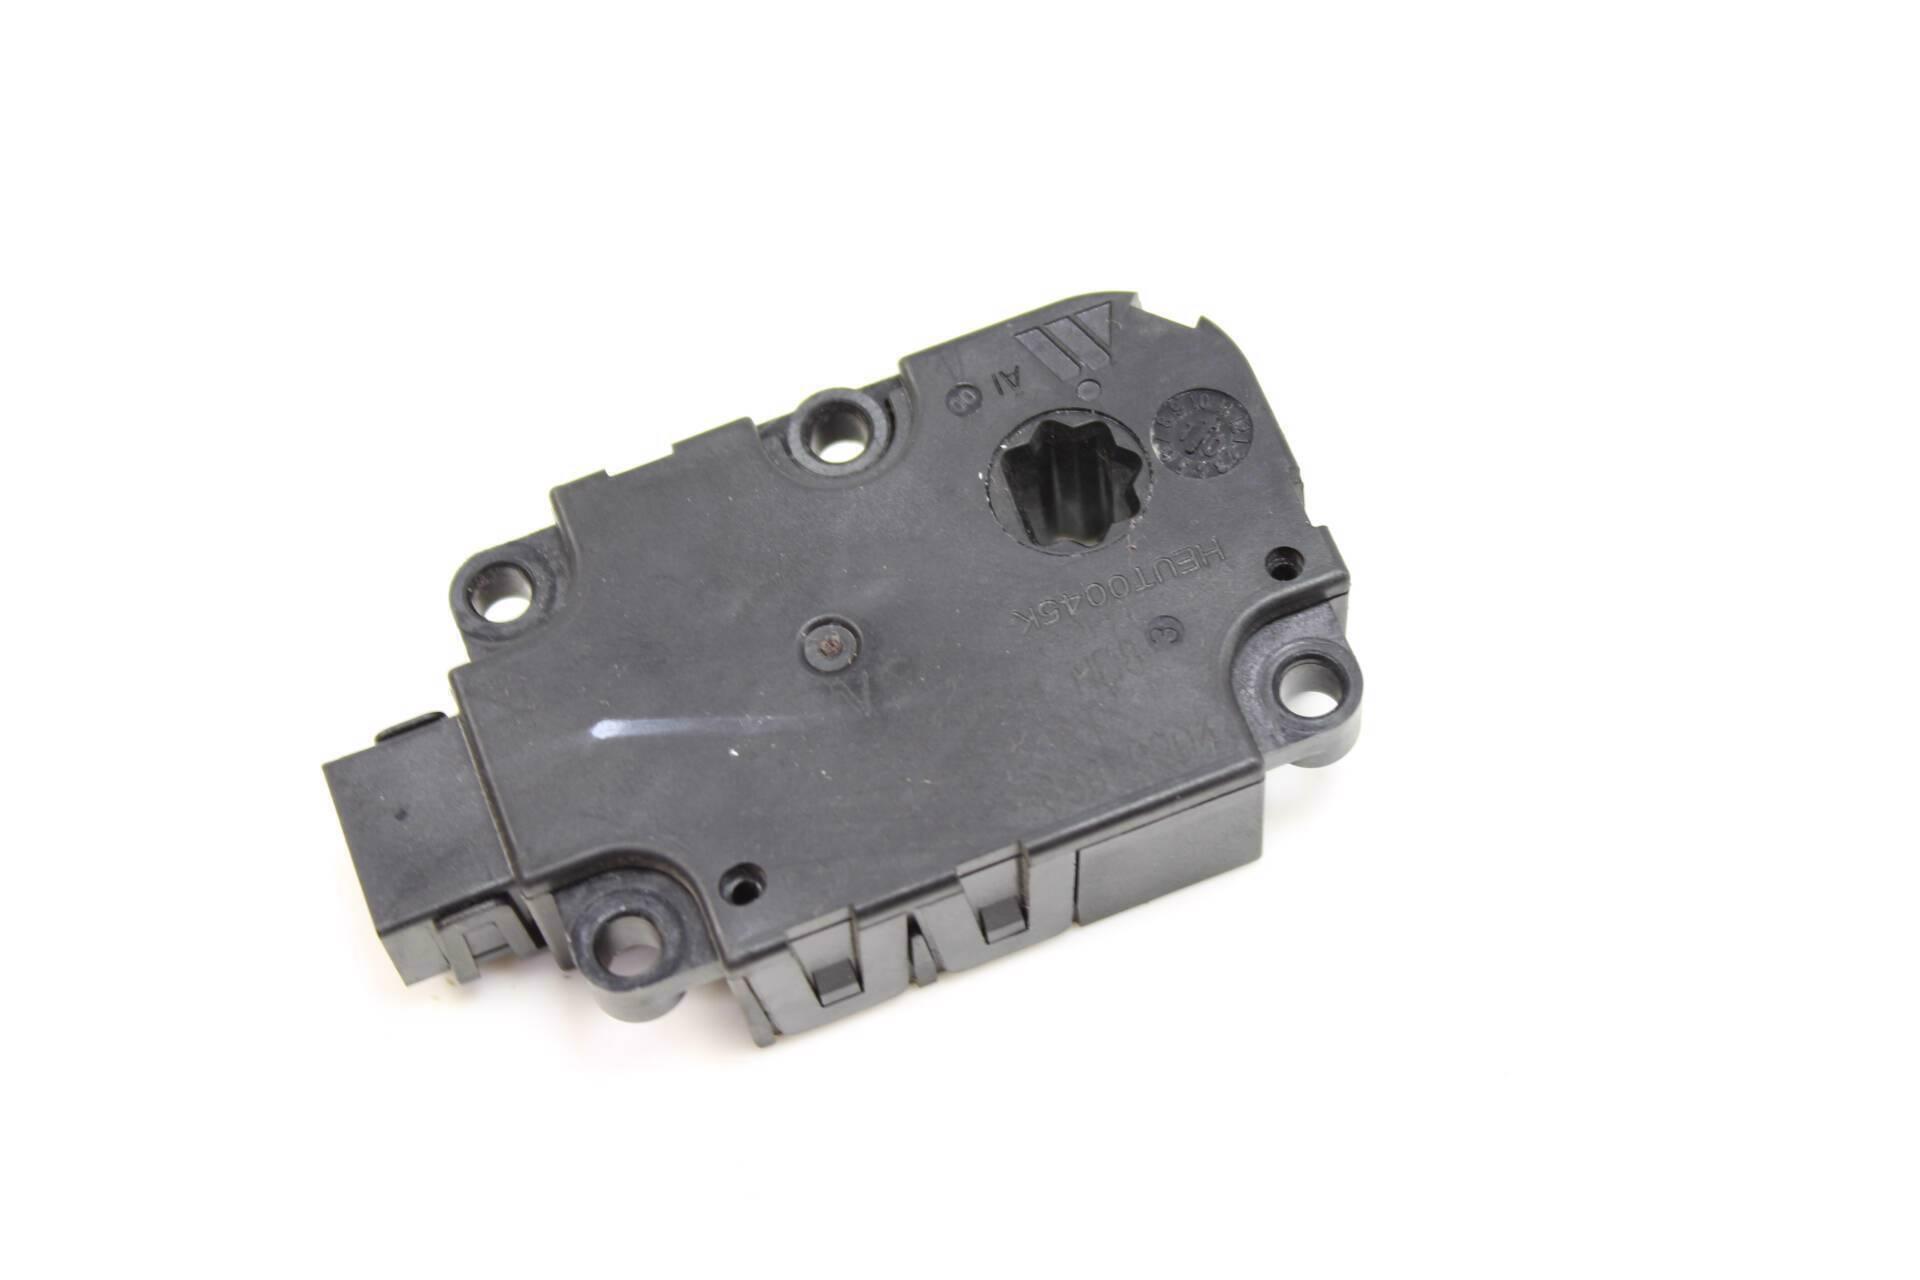 HVAC FLAP AUDI A6 A7 A8 R8 RS7-4H0820511E ACTUATOR SERVO AIR MOTOR